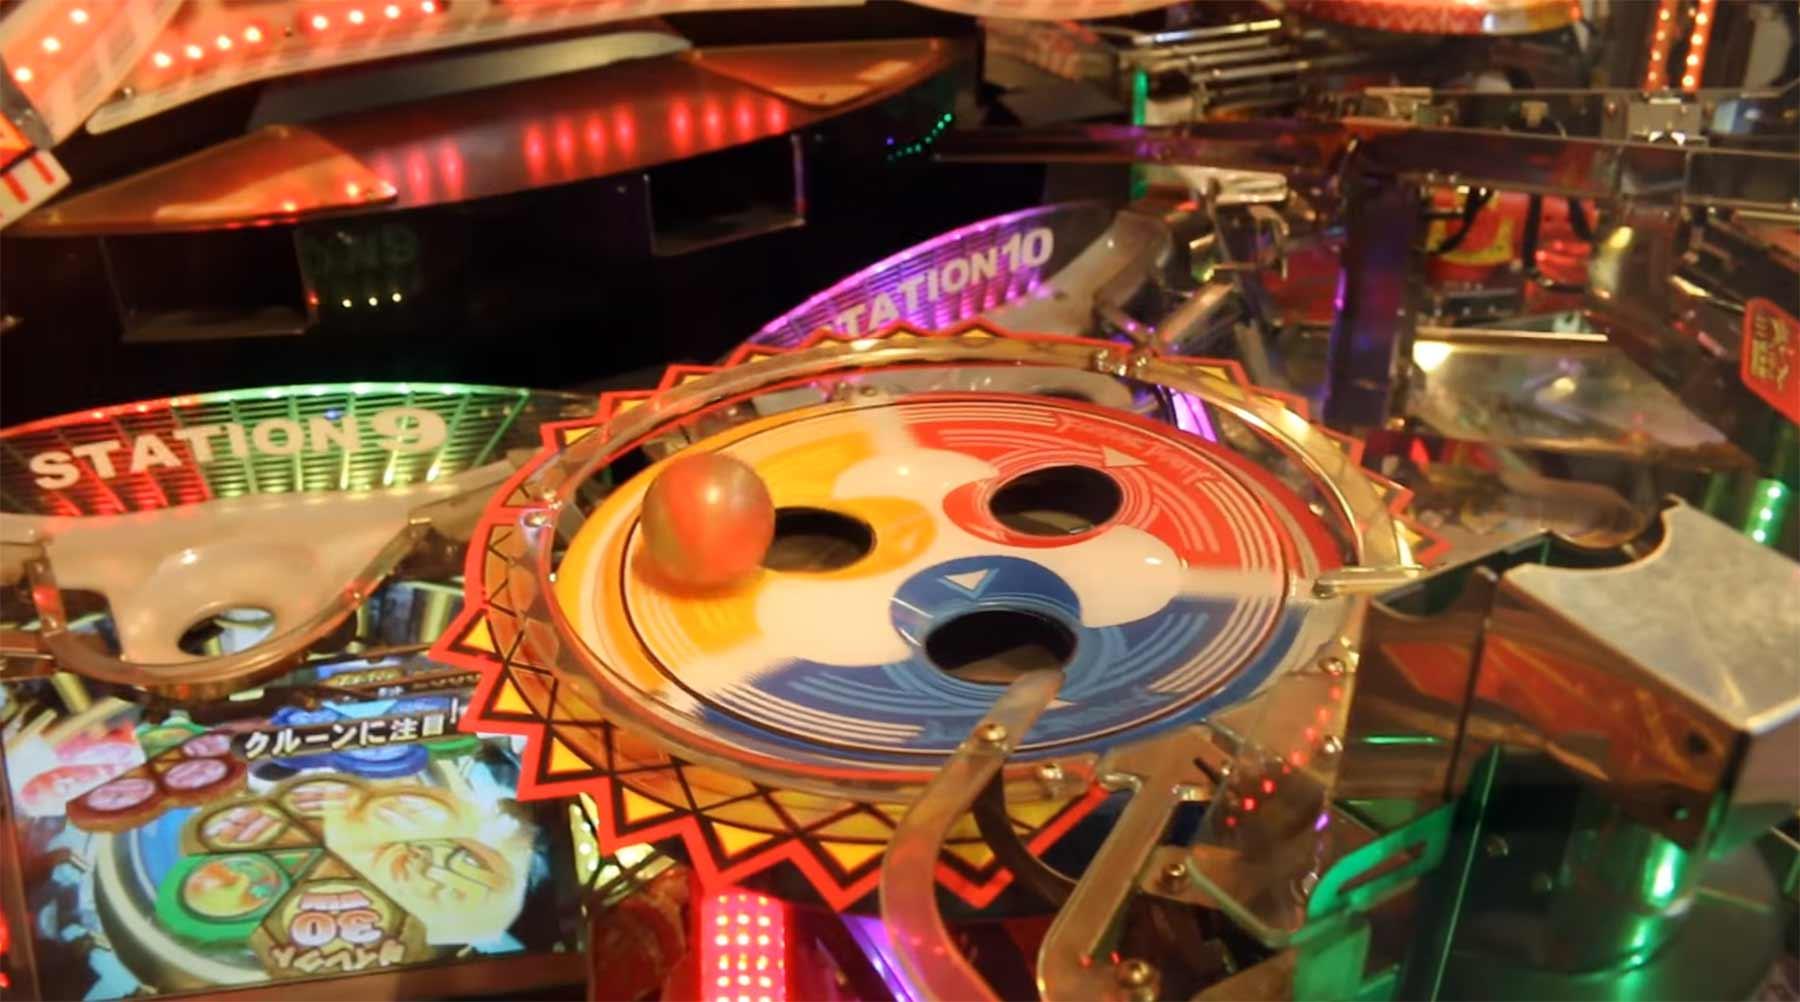 Keinen Plan haben und am japanischen Glücksspielautomaten den Jackpot gewinnen